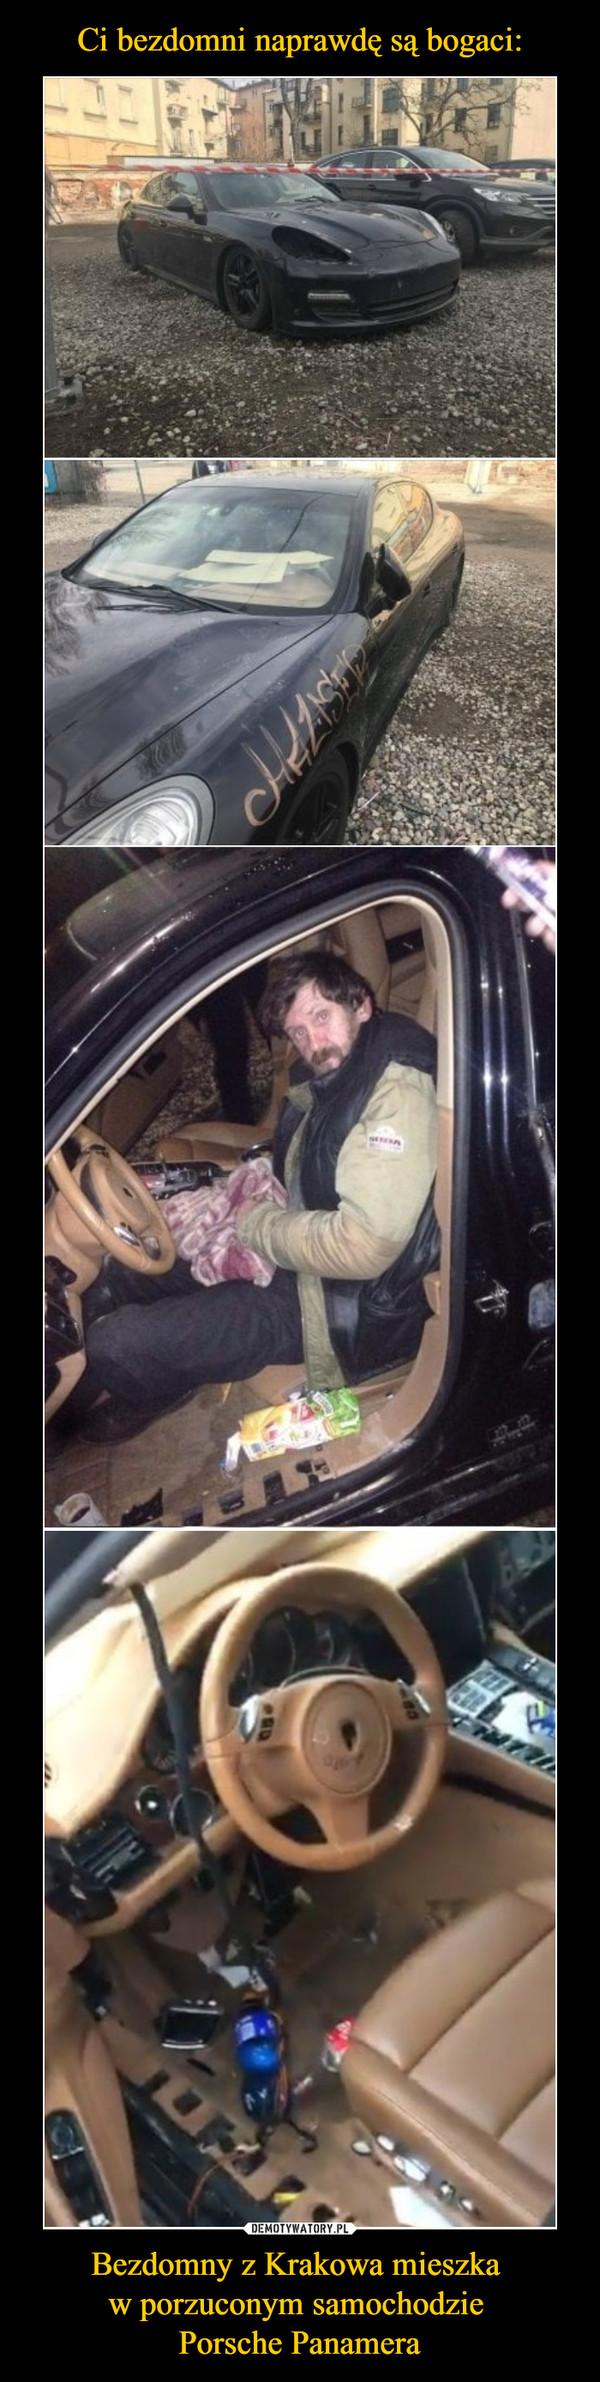 Bezdomny z Krakowa mieszka w porzuconym samochodzie Porsche Panamera –